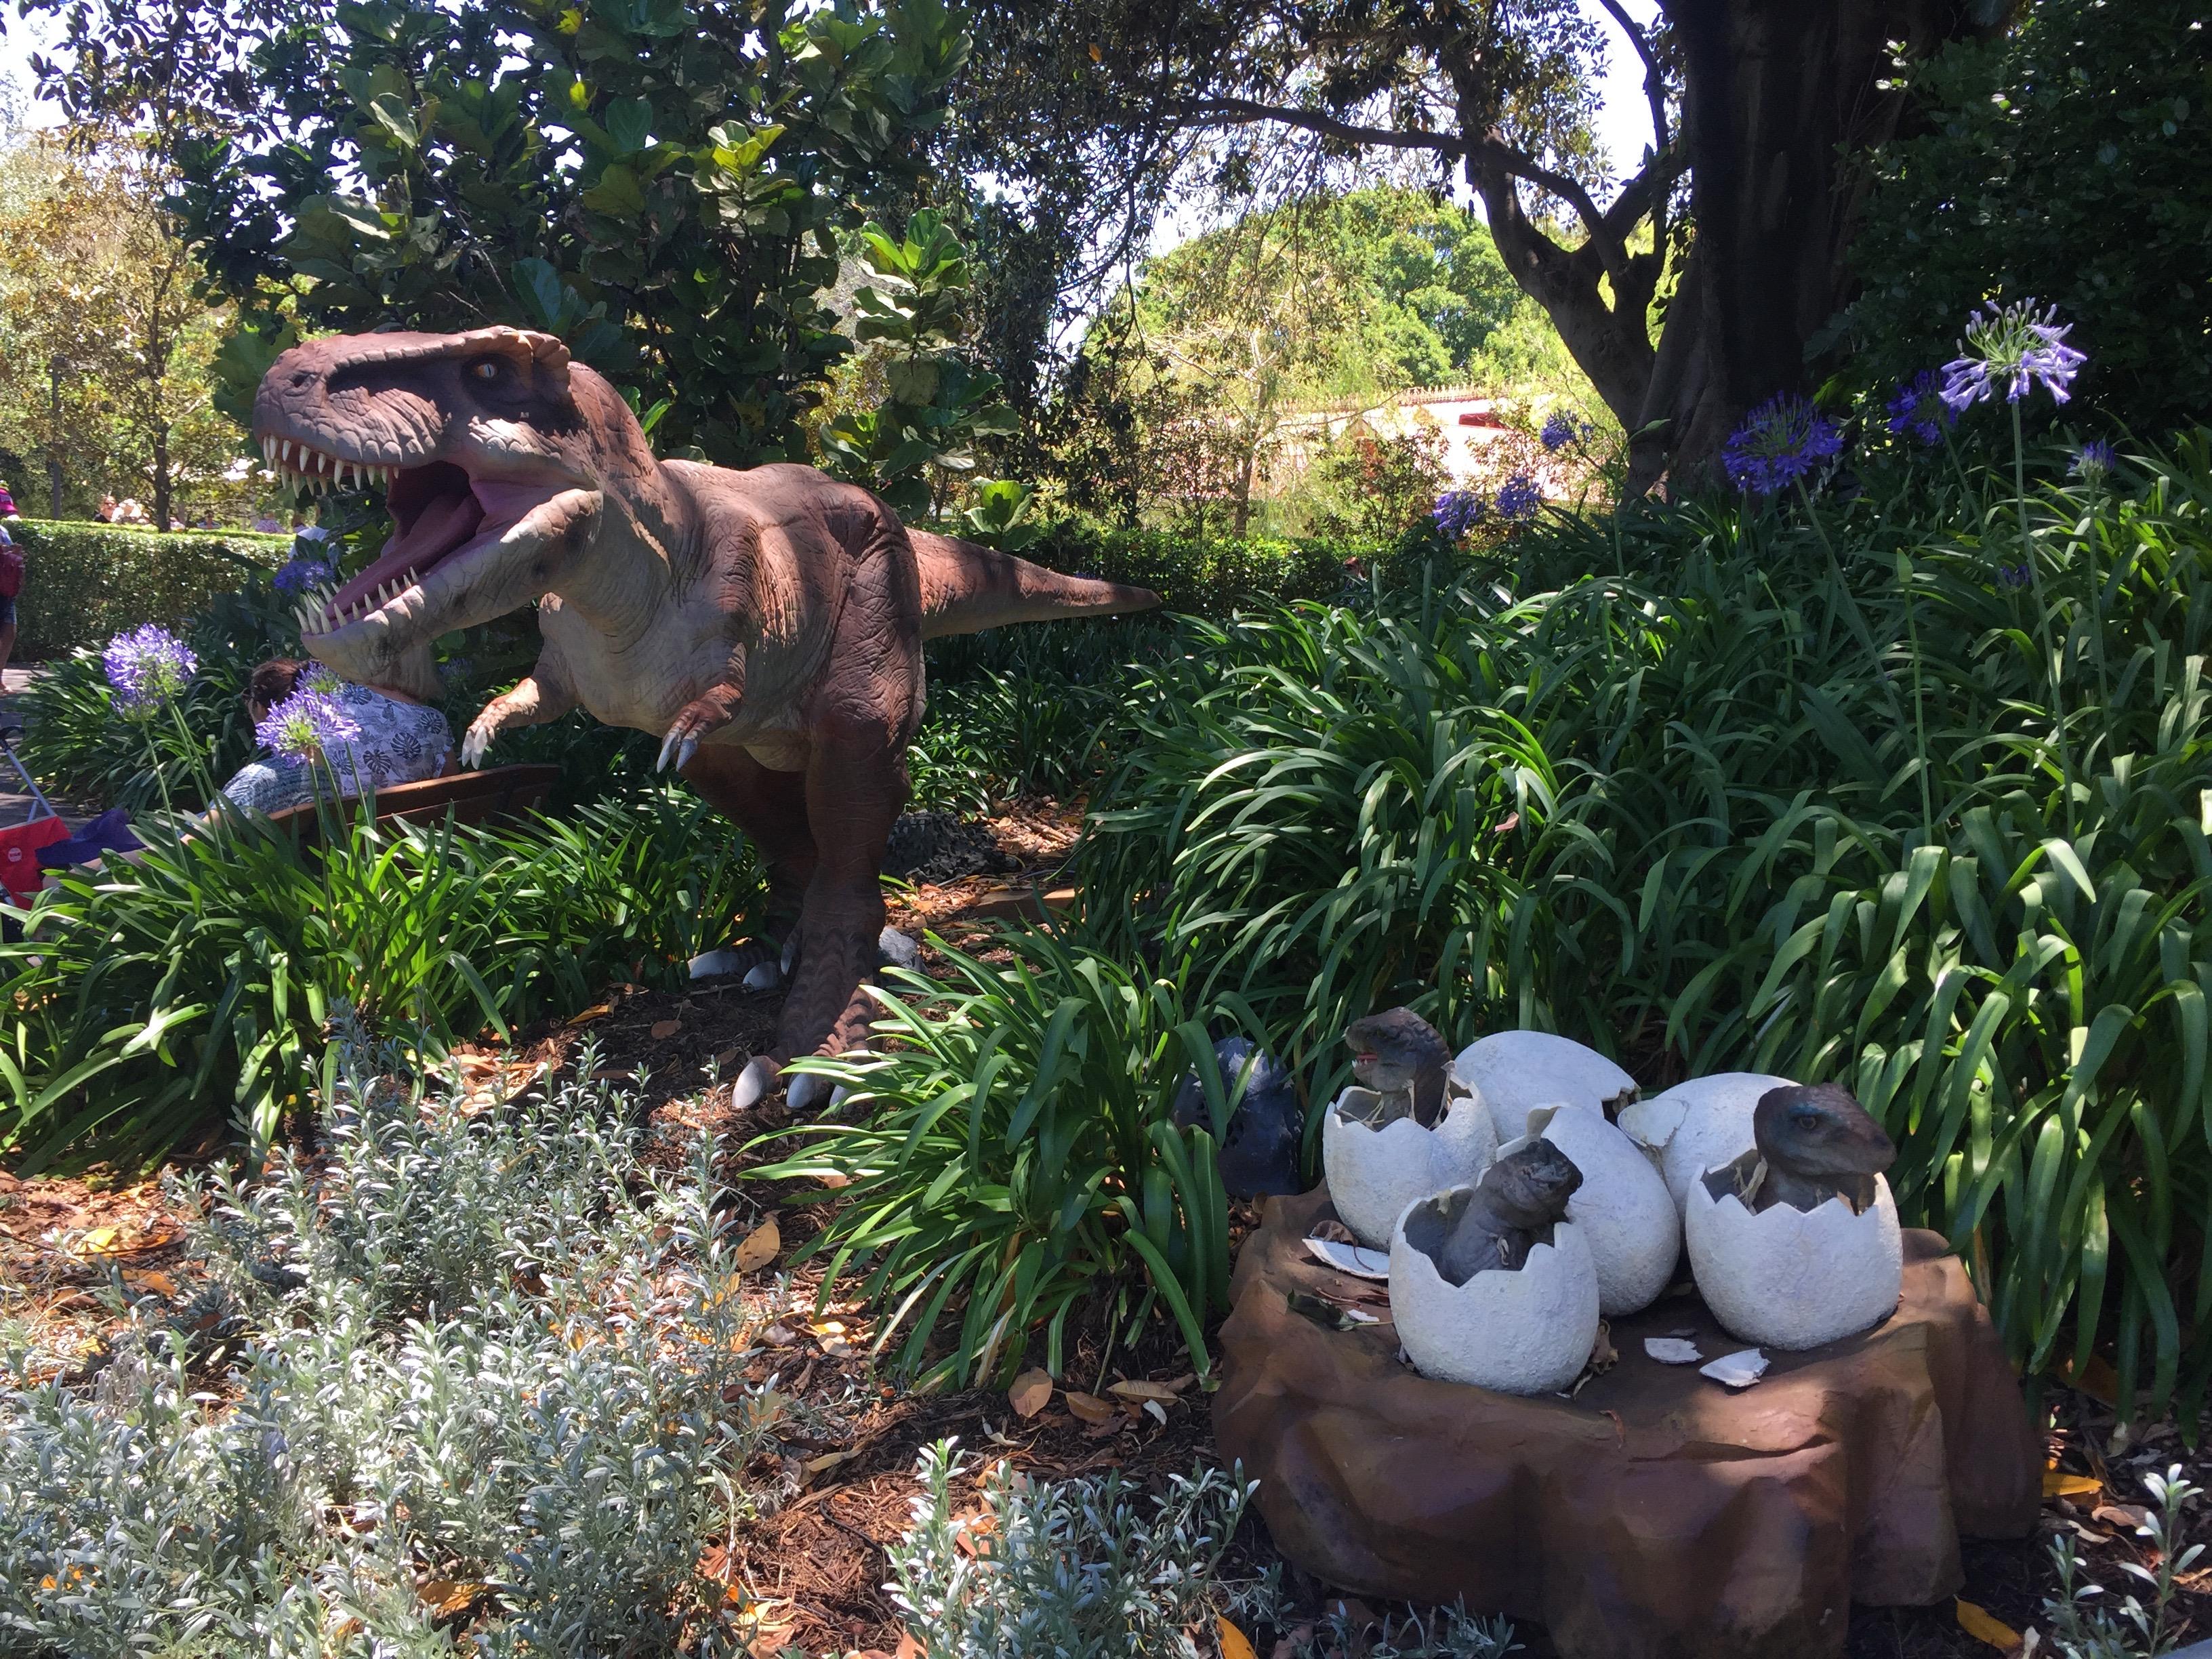 Baby Tyrannosaurus - Adelaide Zoo